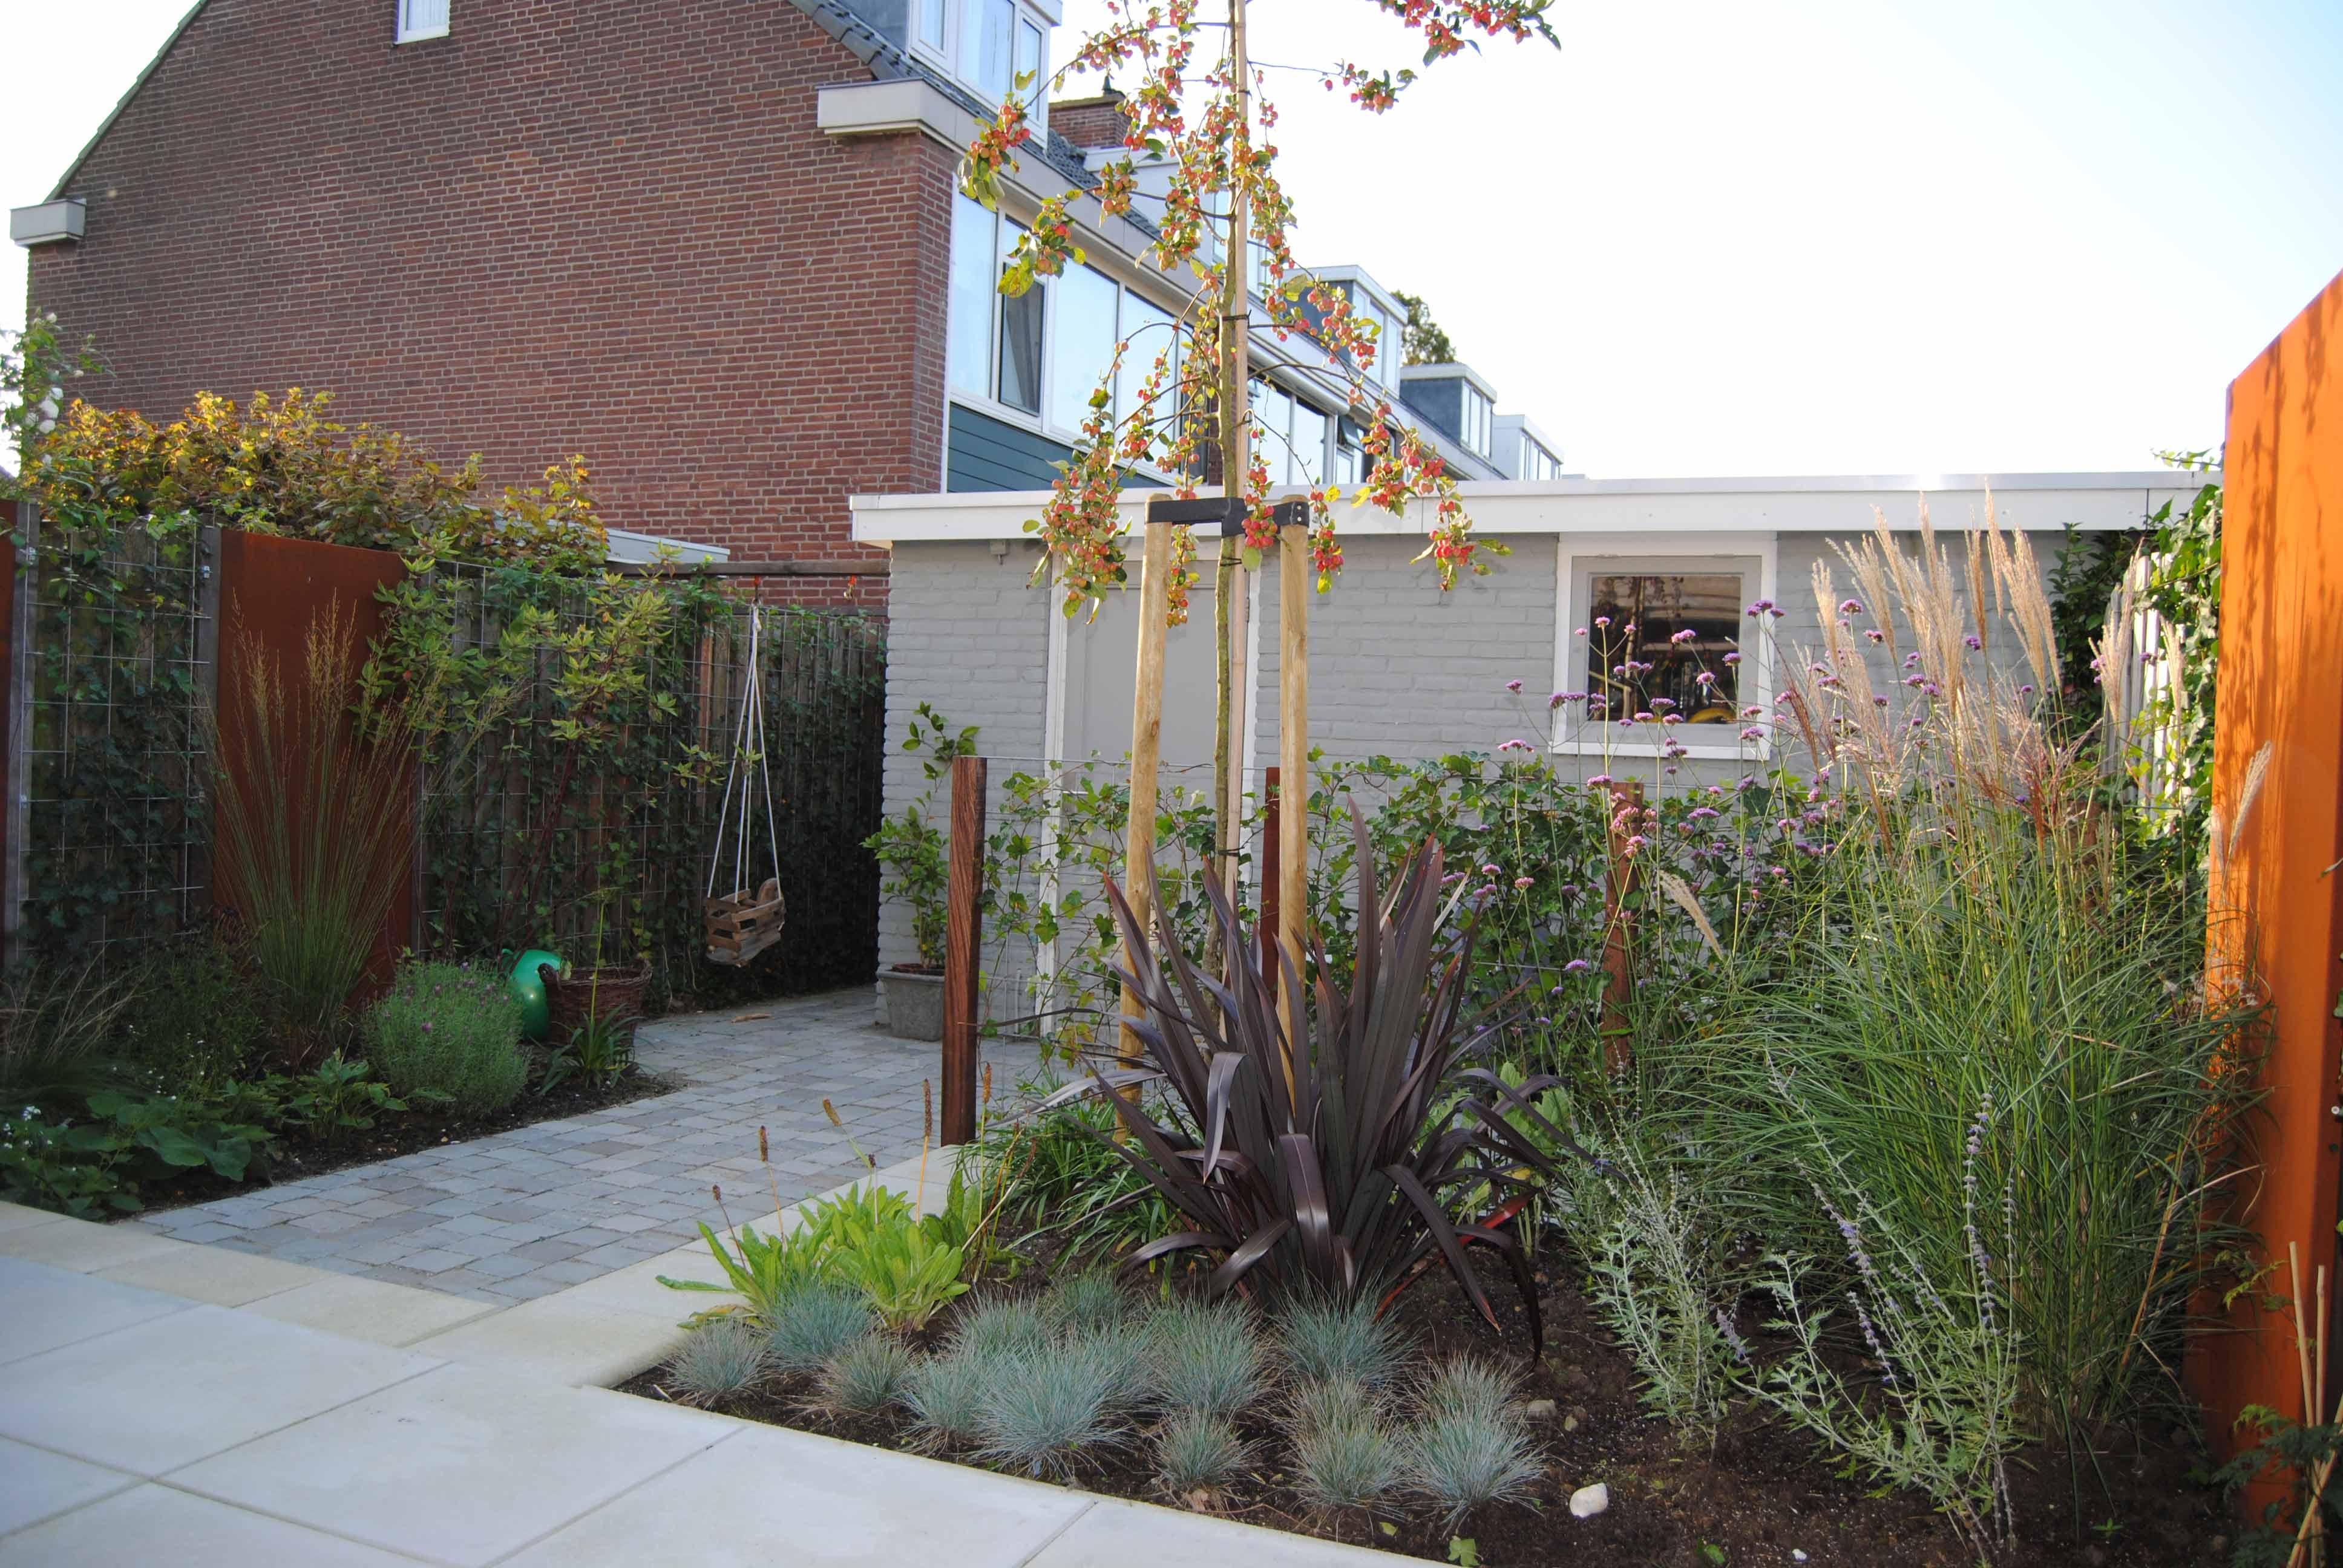 Cortenstaal in de tuin - tuinontwerp en tuinaanleg door hoveniersbedrijf Van der Waal Tuinen